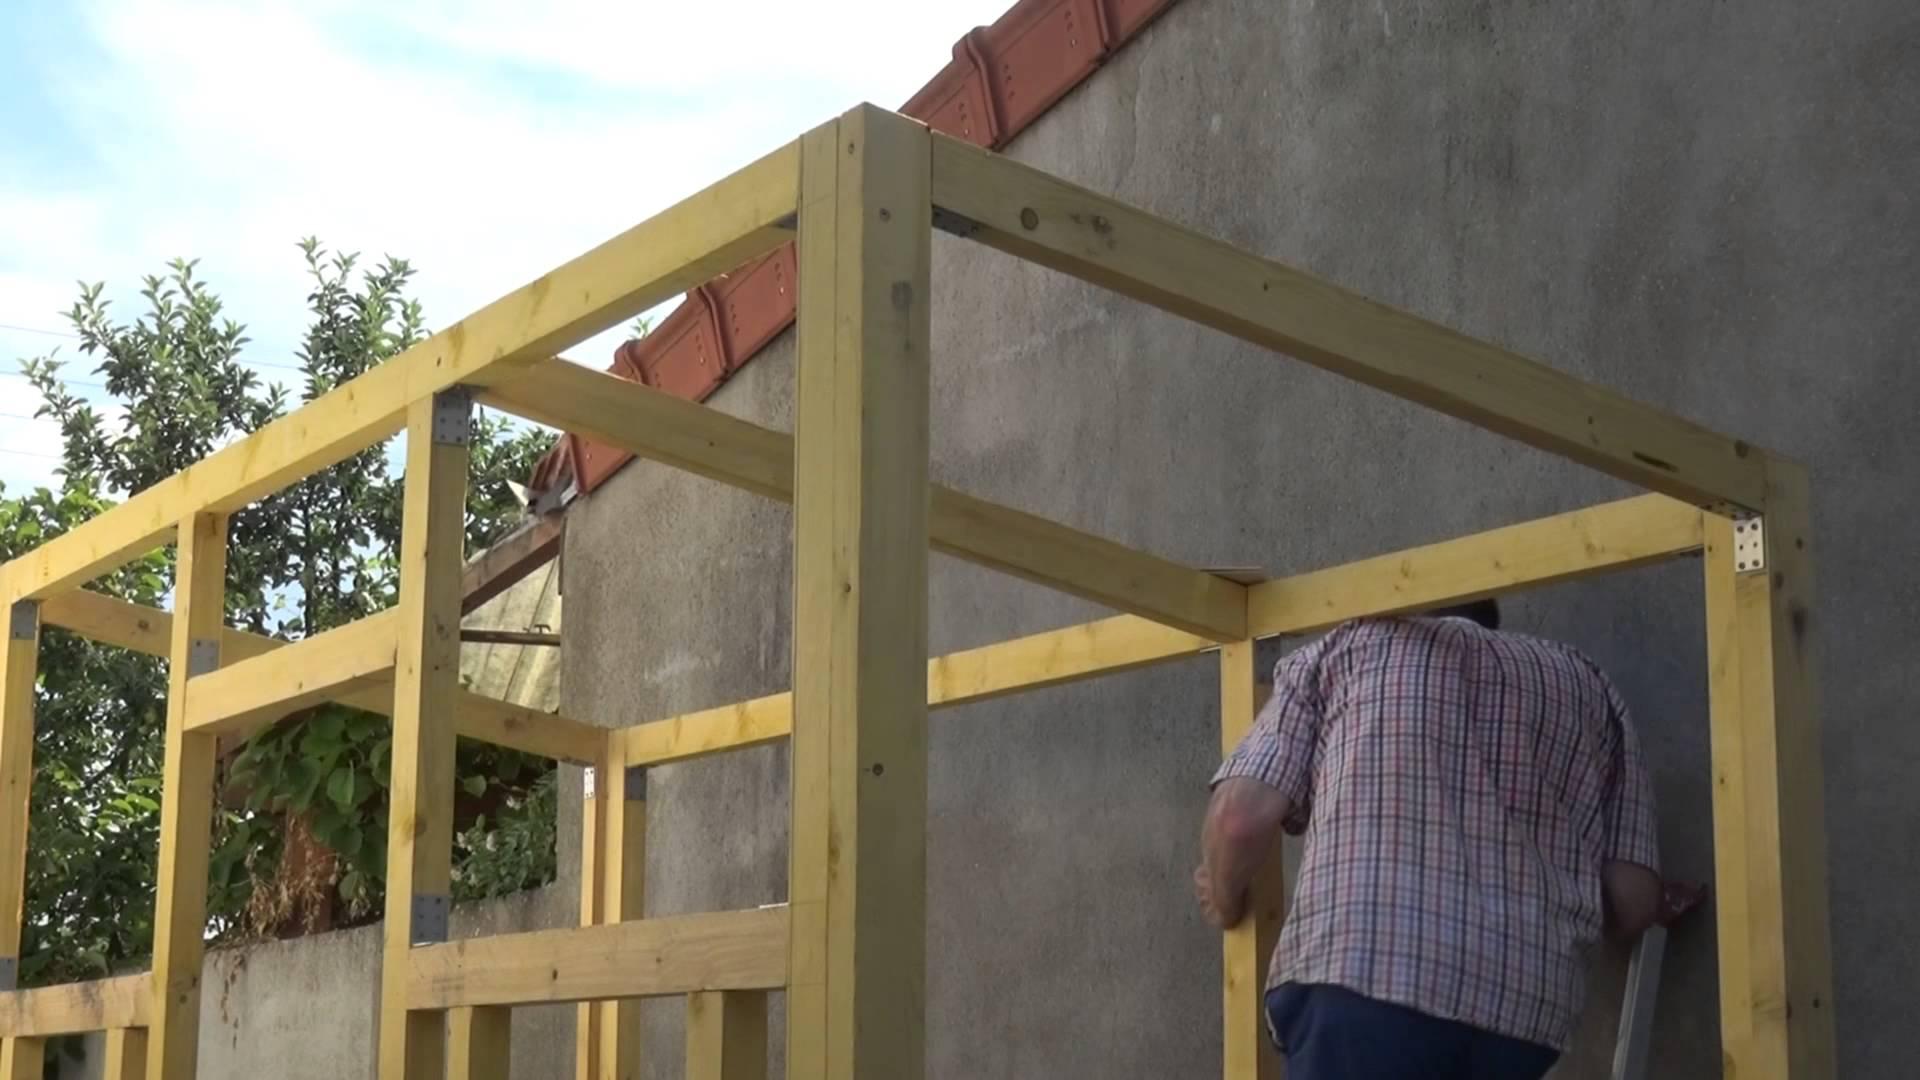 Construire Abri De Jardin Des Idées - Idees Conception Jardin pour Comment Fabriquer Un Abri De Jardin